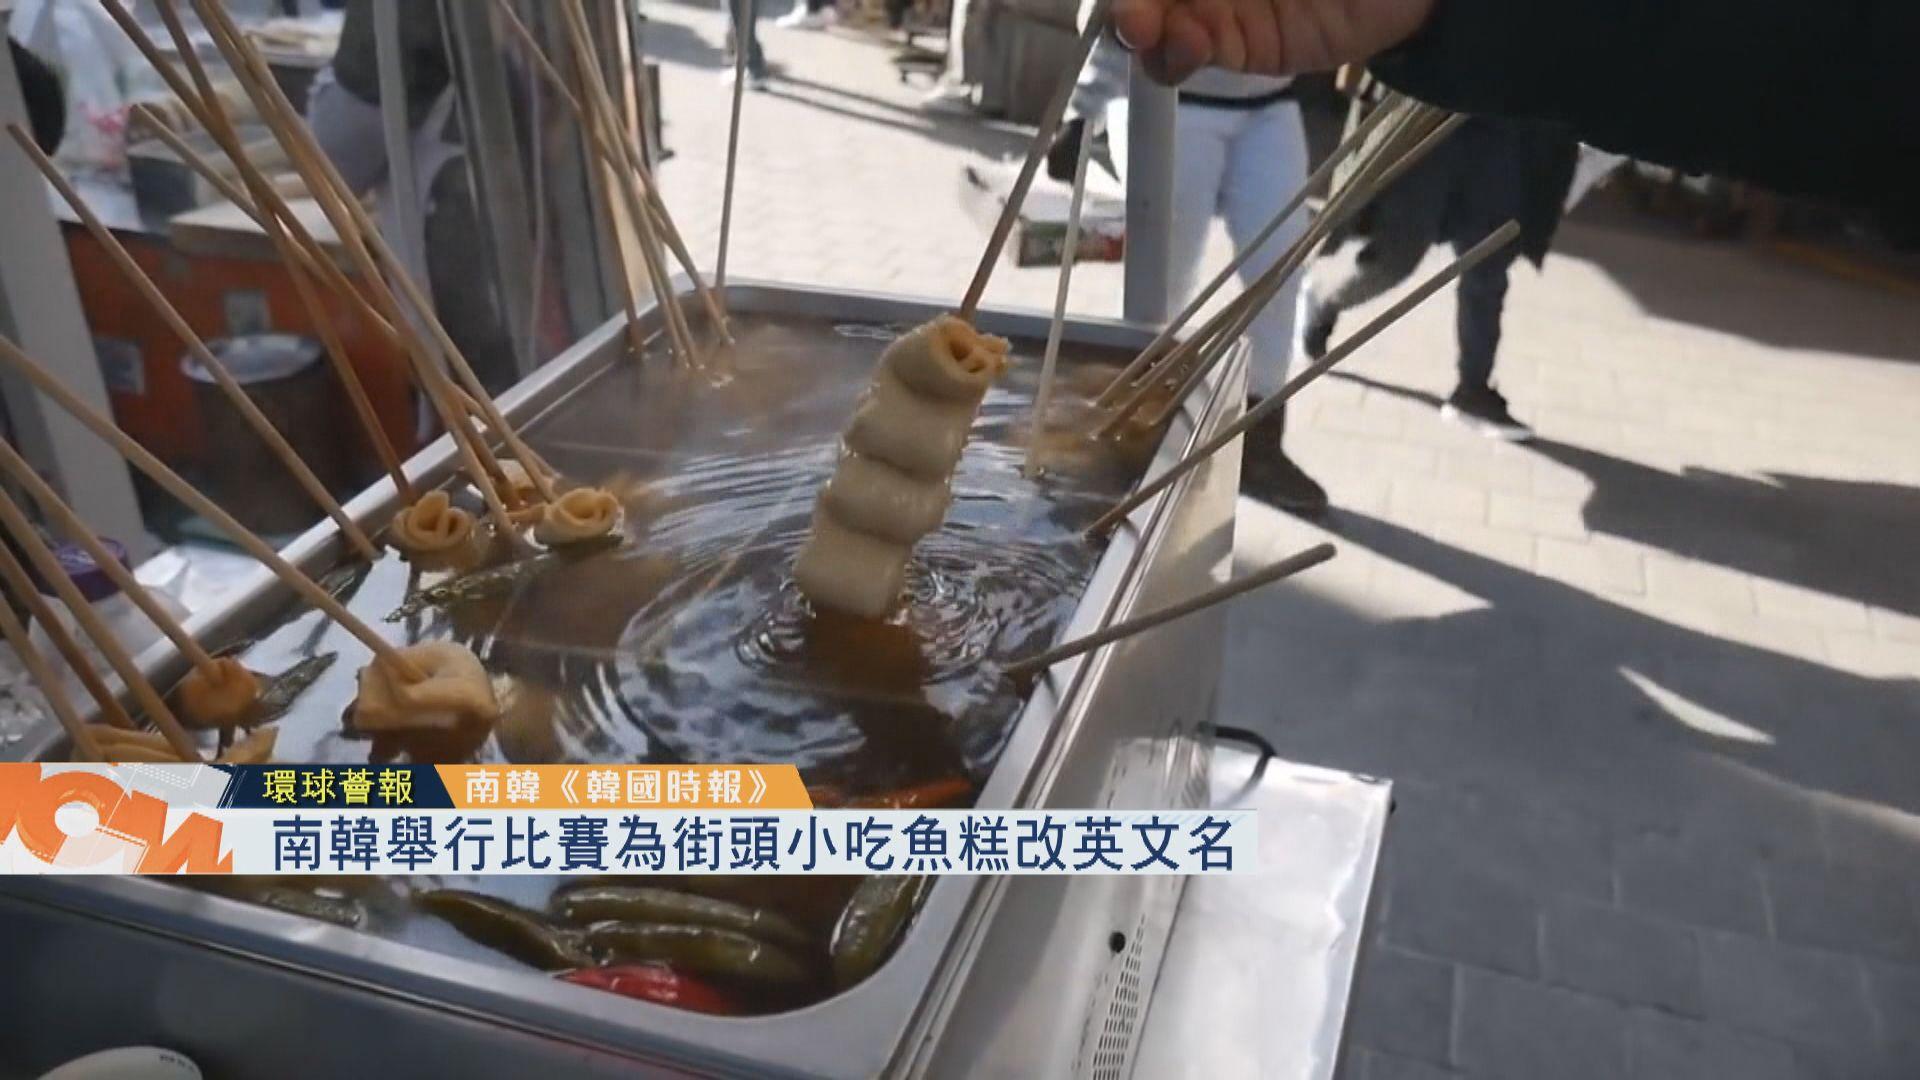 【環球薈報】南韓舉行比賽為街頭小吃魚糕改英文名